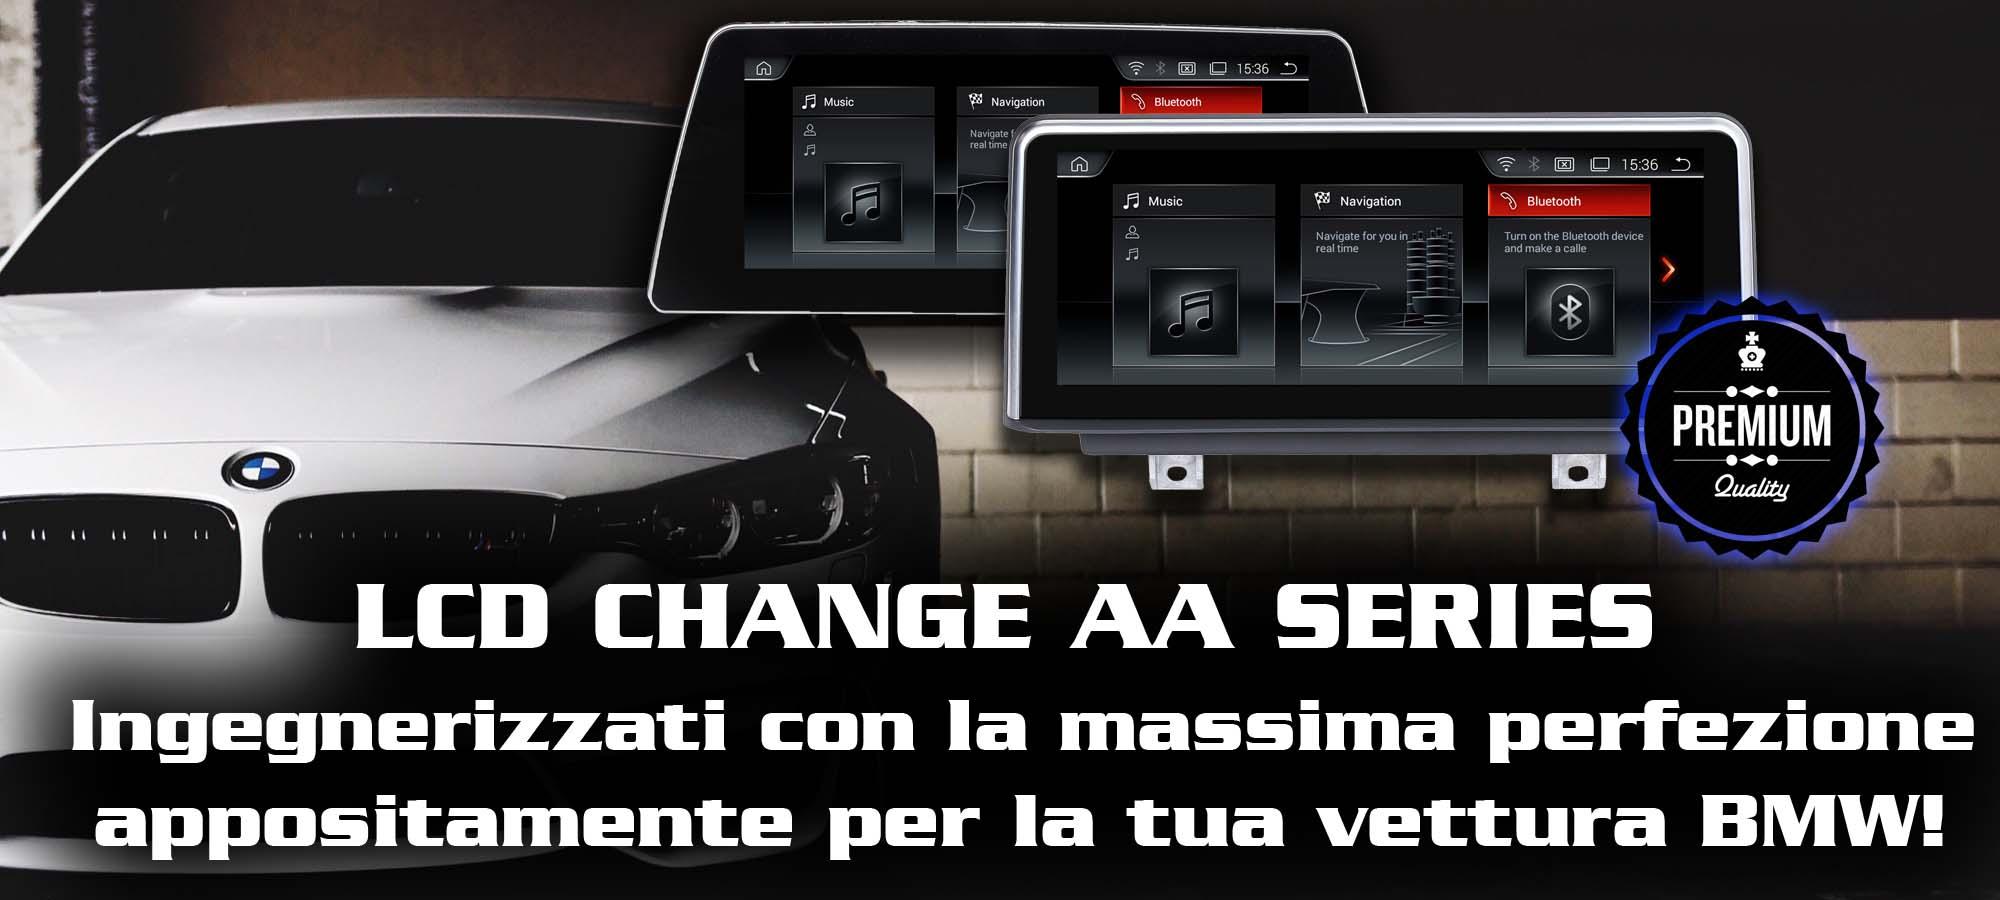 LCD CHANGE AA